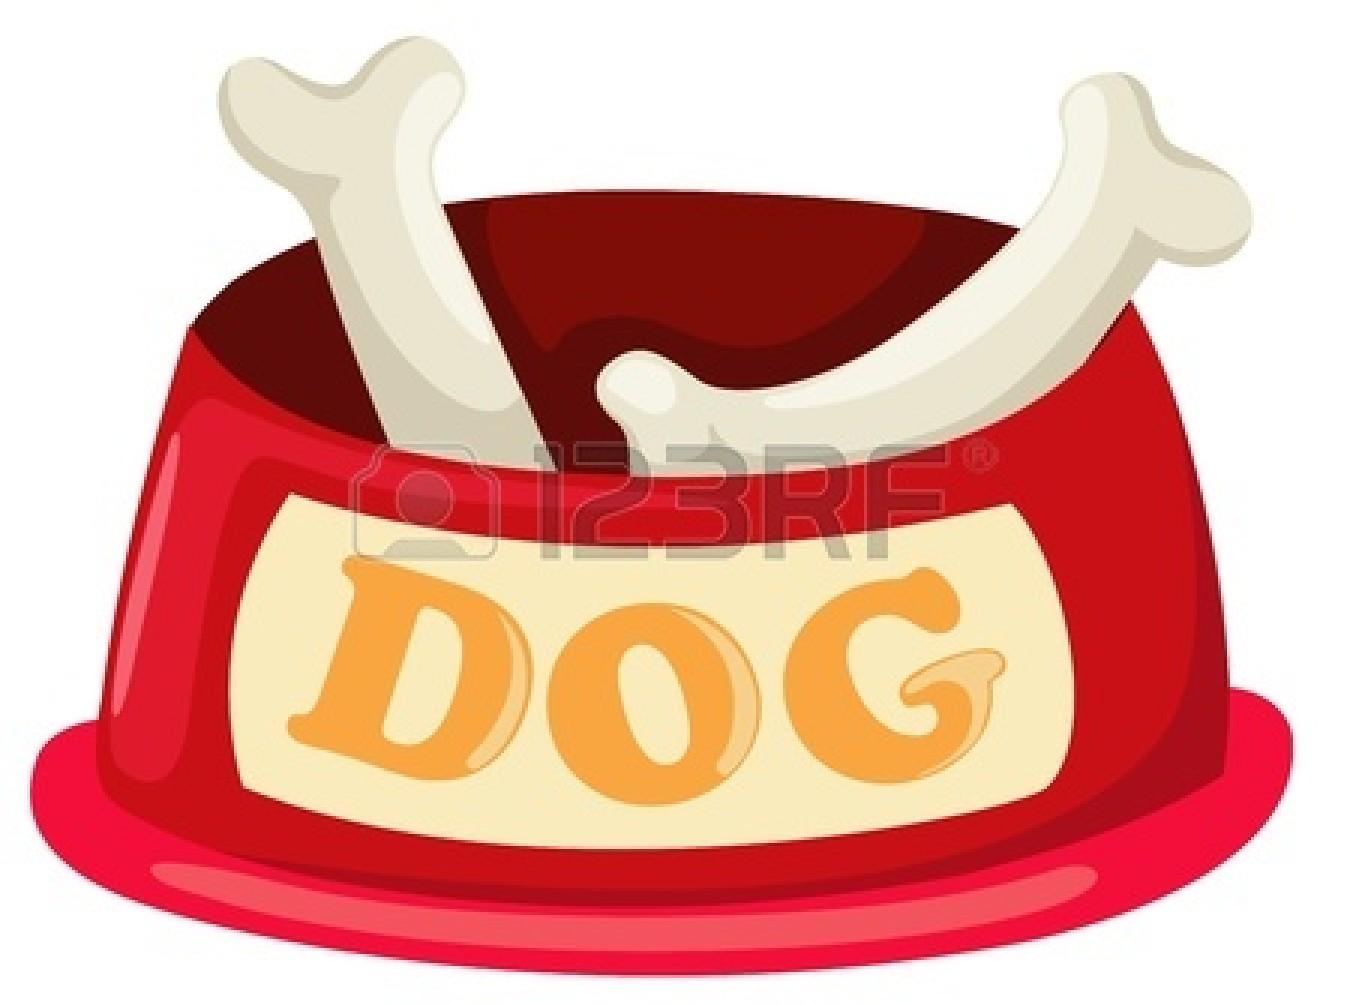 Dog Bone In Bowl Clipart 17623527 Illust-Dog Bone In Bowl Clipart 17623527 Illustration Of Isolated Dog Bowl-6